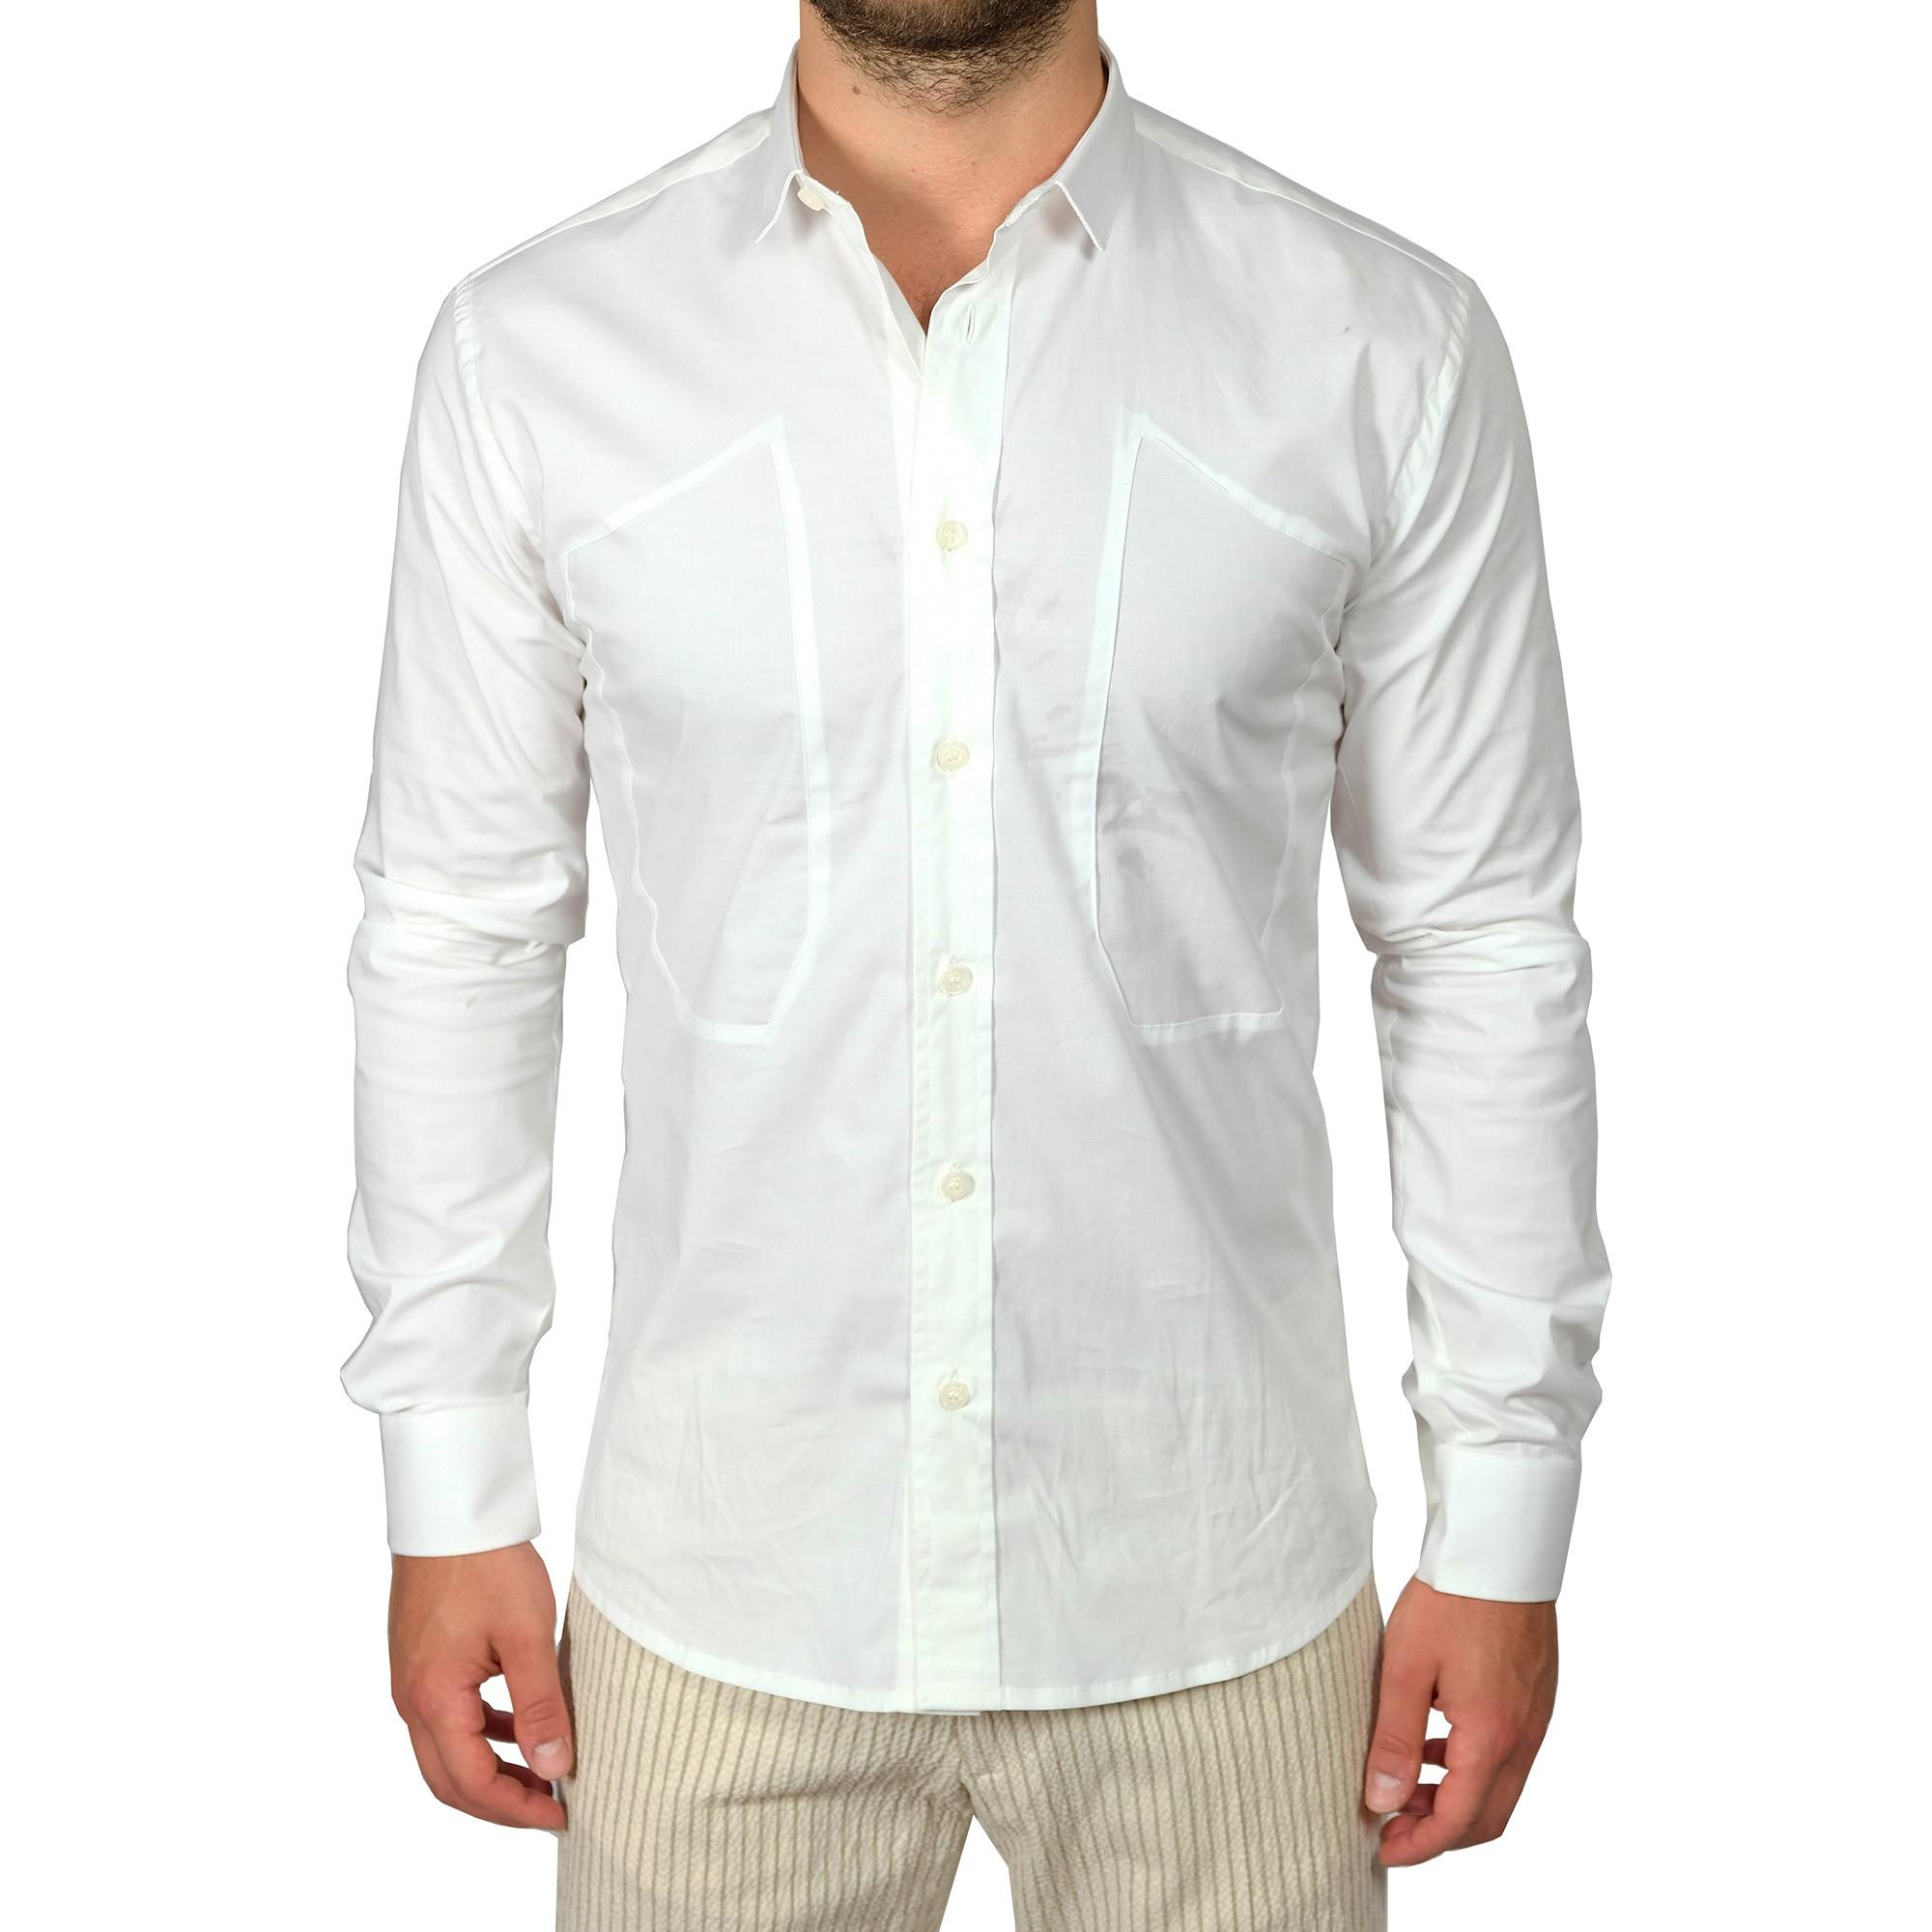 75212b3011 Camicia Uomo Bianca Maniche lunghe Slim Basic Casual Colletto Classico  Rigido